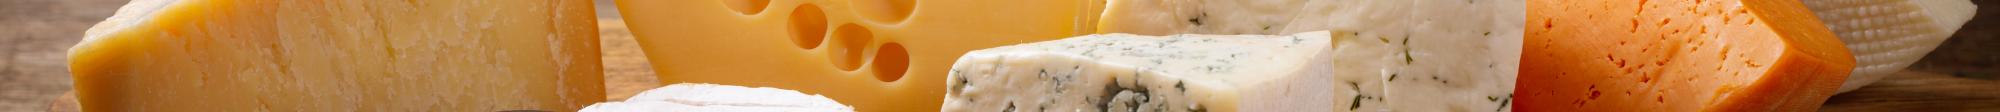 Comprar  quesos Grecia gourmet online | Mixtura Gourmet